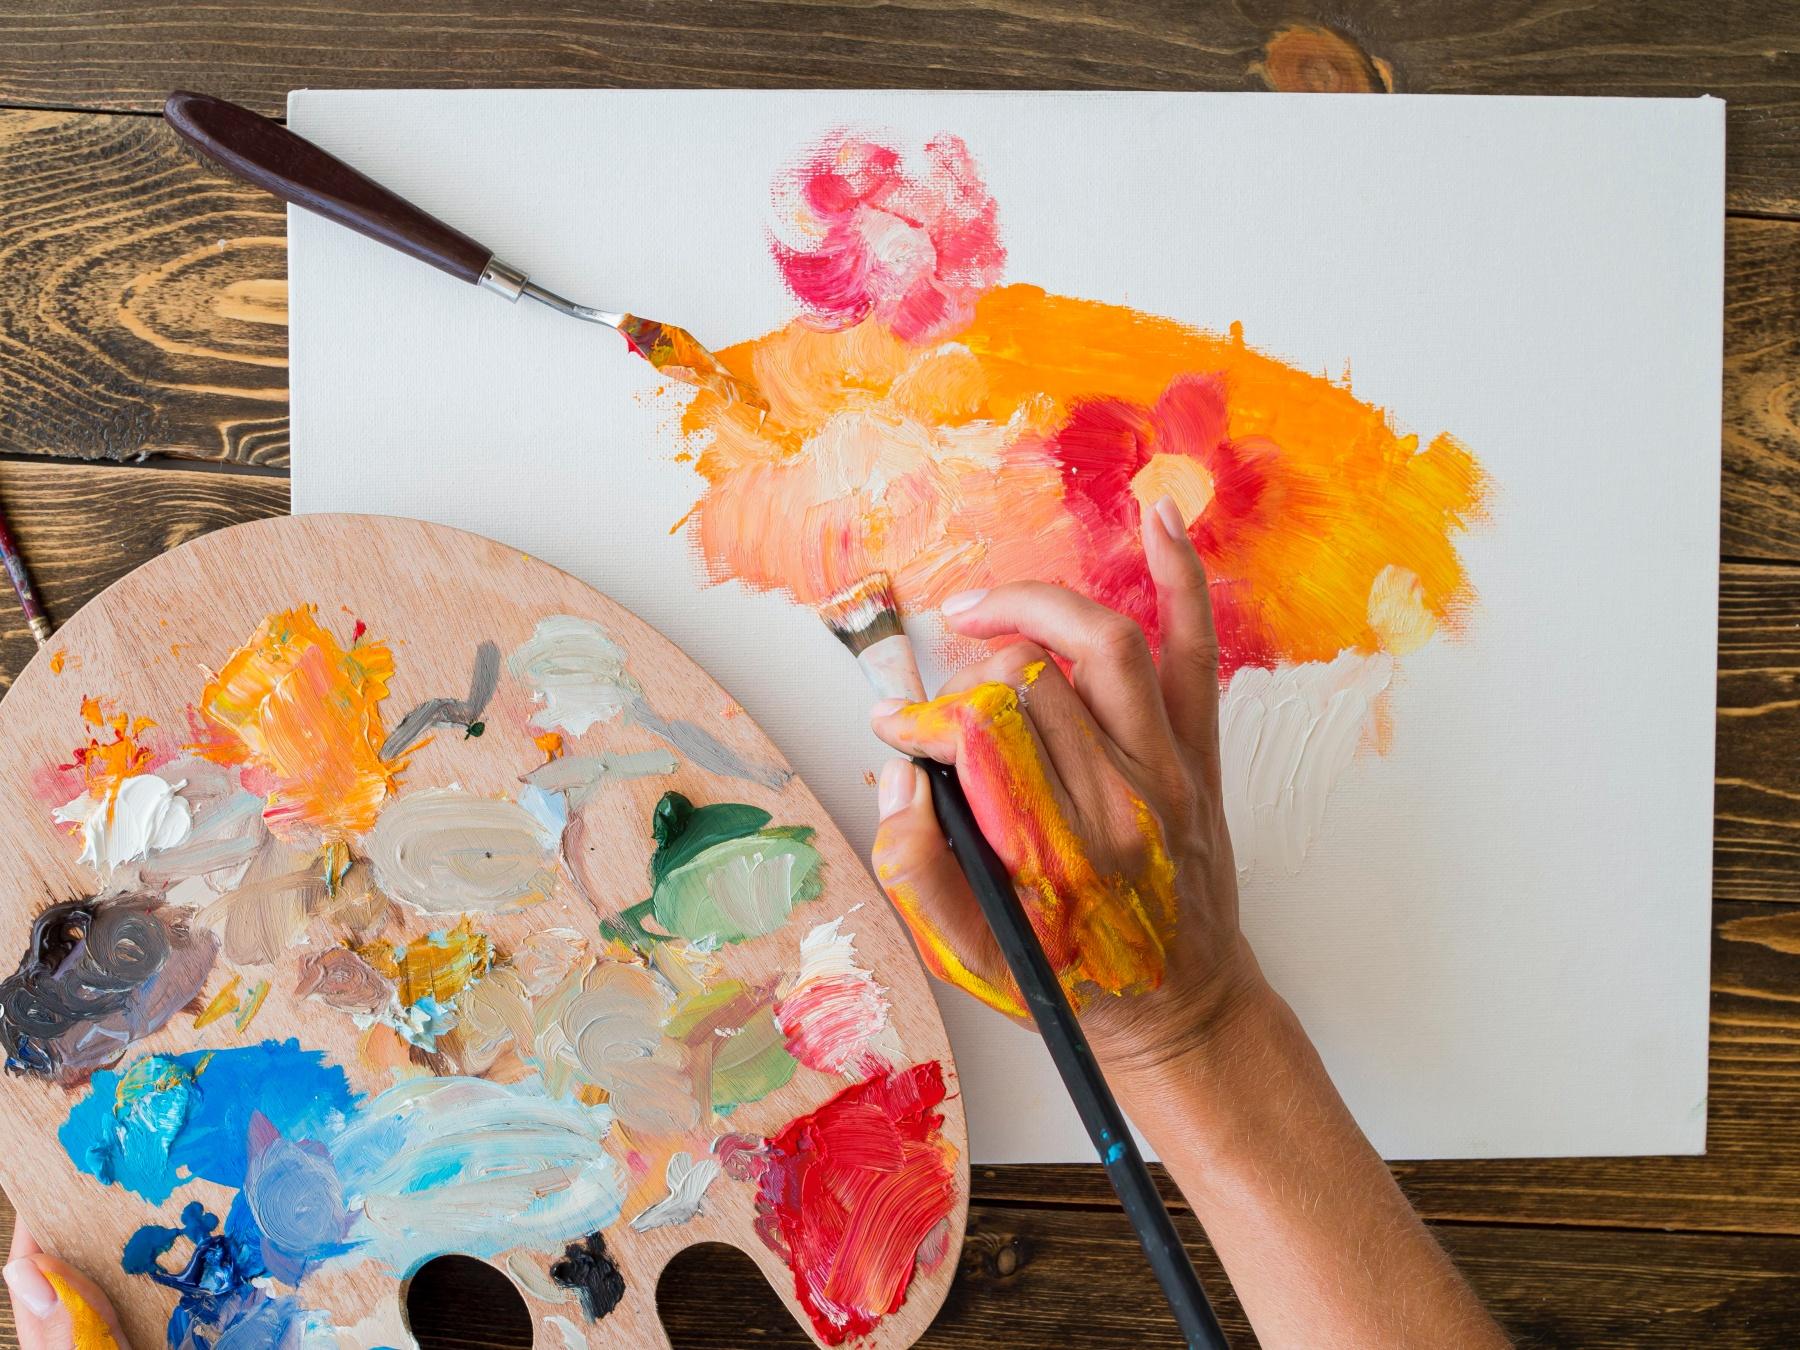 【台中畫畫教室推薦】揮灑創意的油畫、流動畫體驗,6間台中畫室畫畫課程評比